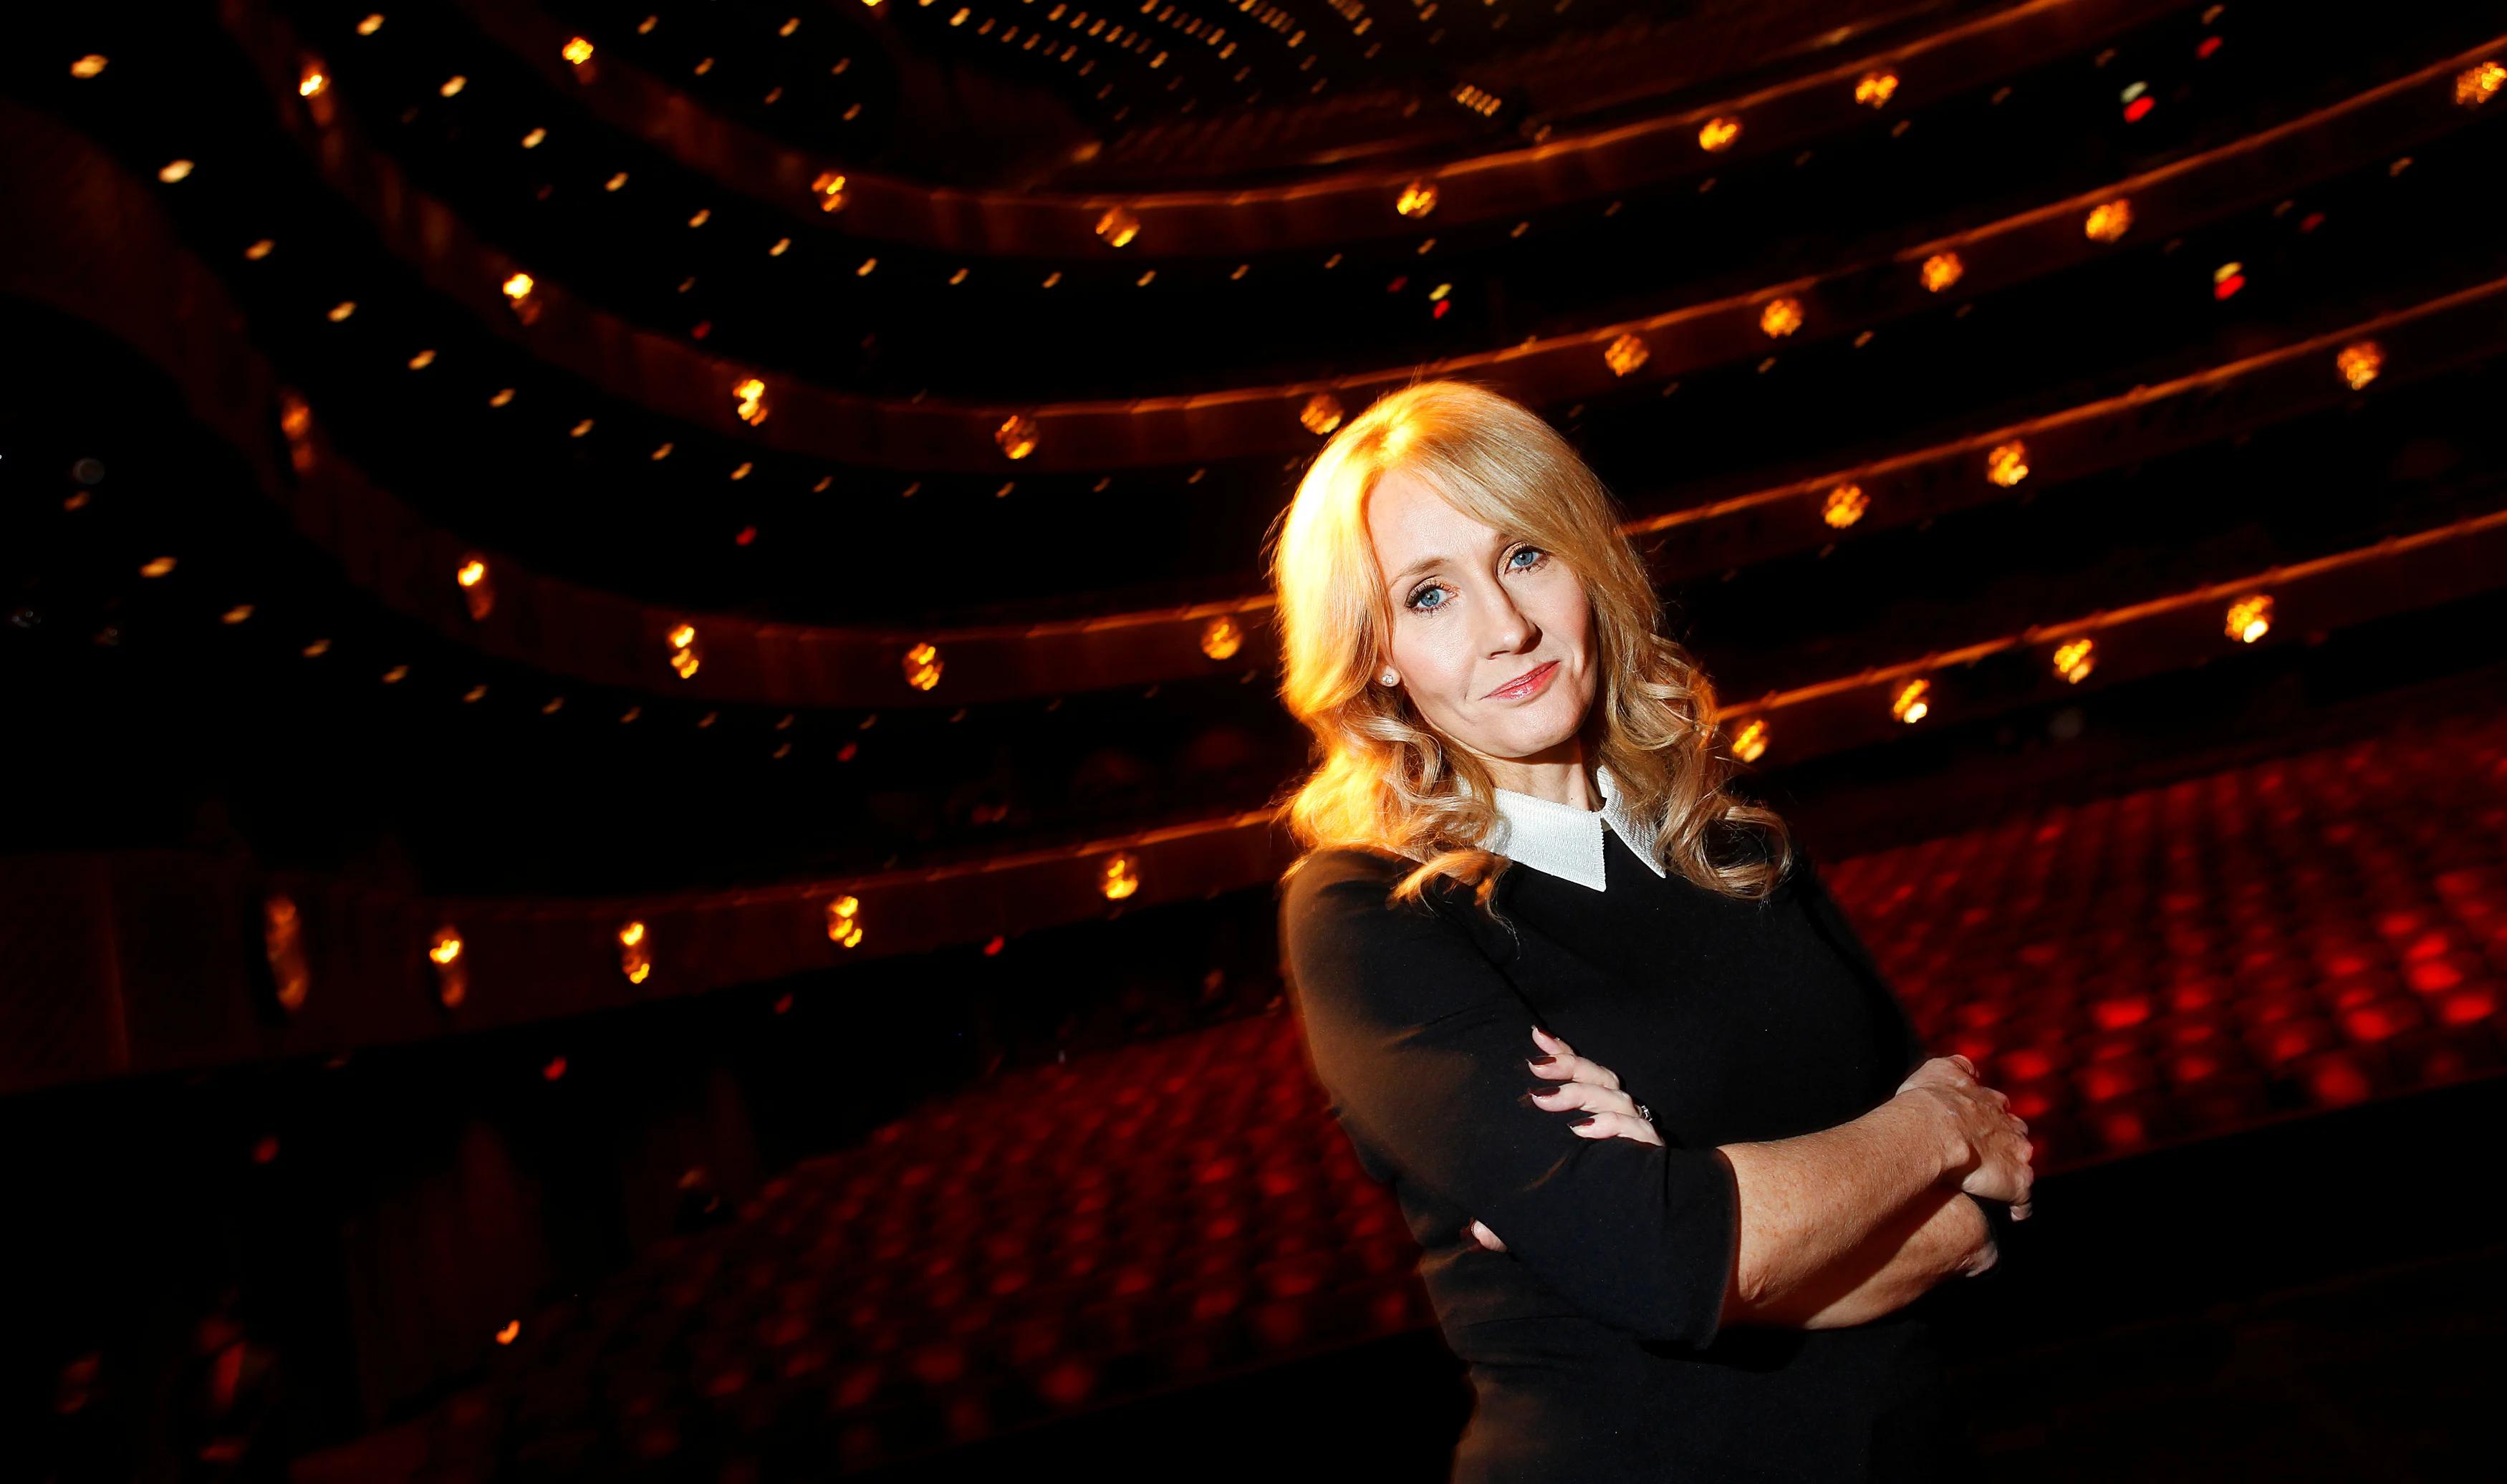 J.K. Rowling volta a ser transfóbica em tweets e gera discussão nas redes